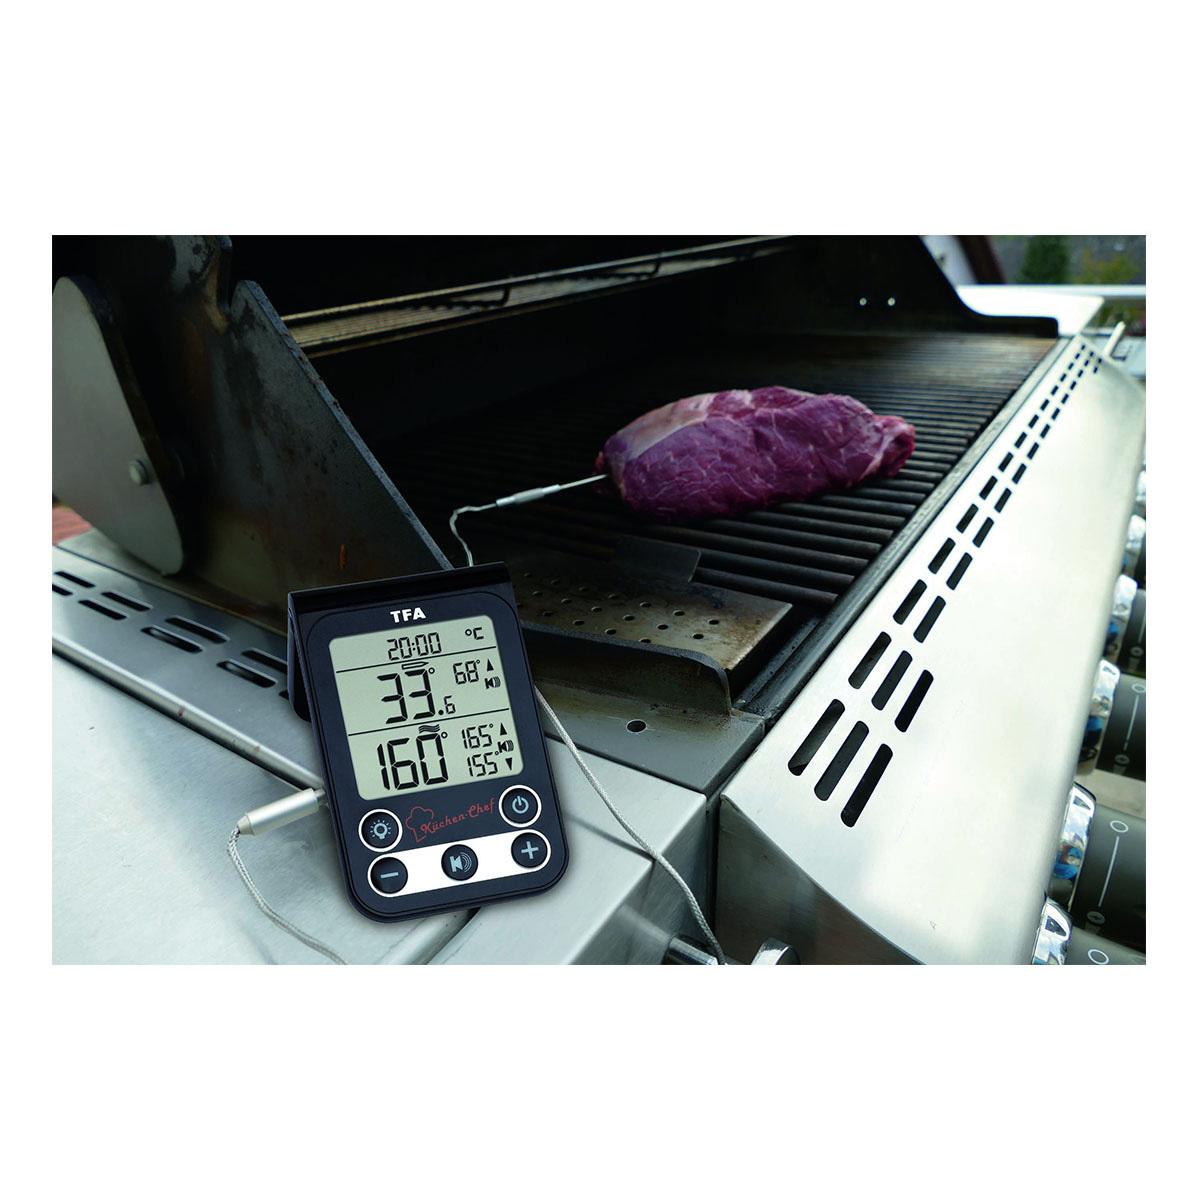 14-1512-01-digitales-grill-braten-ofenthermometer-küchen-chef-anwendung2-1200x1200px.jpg